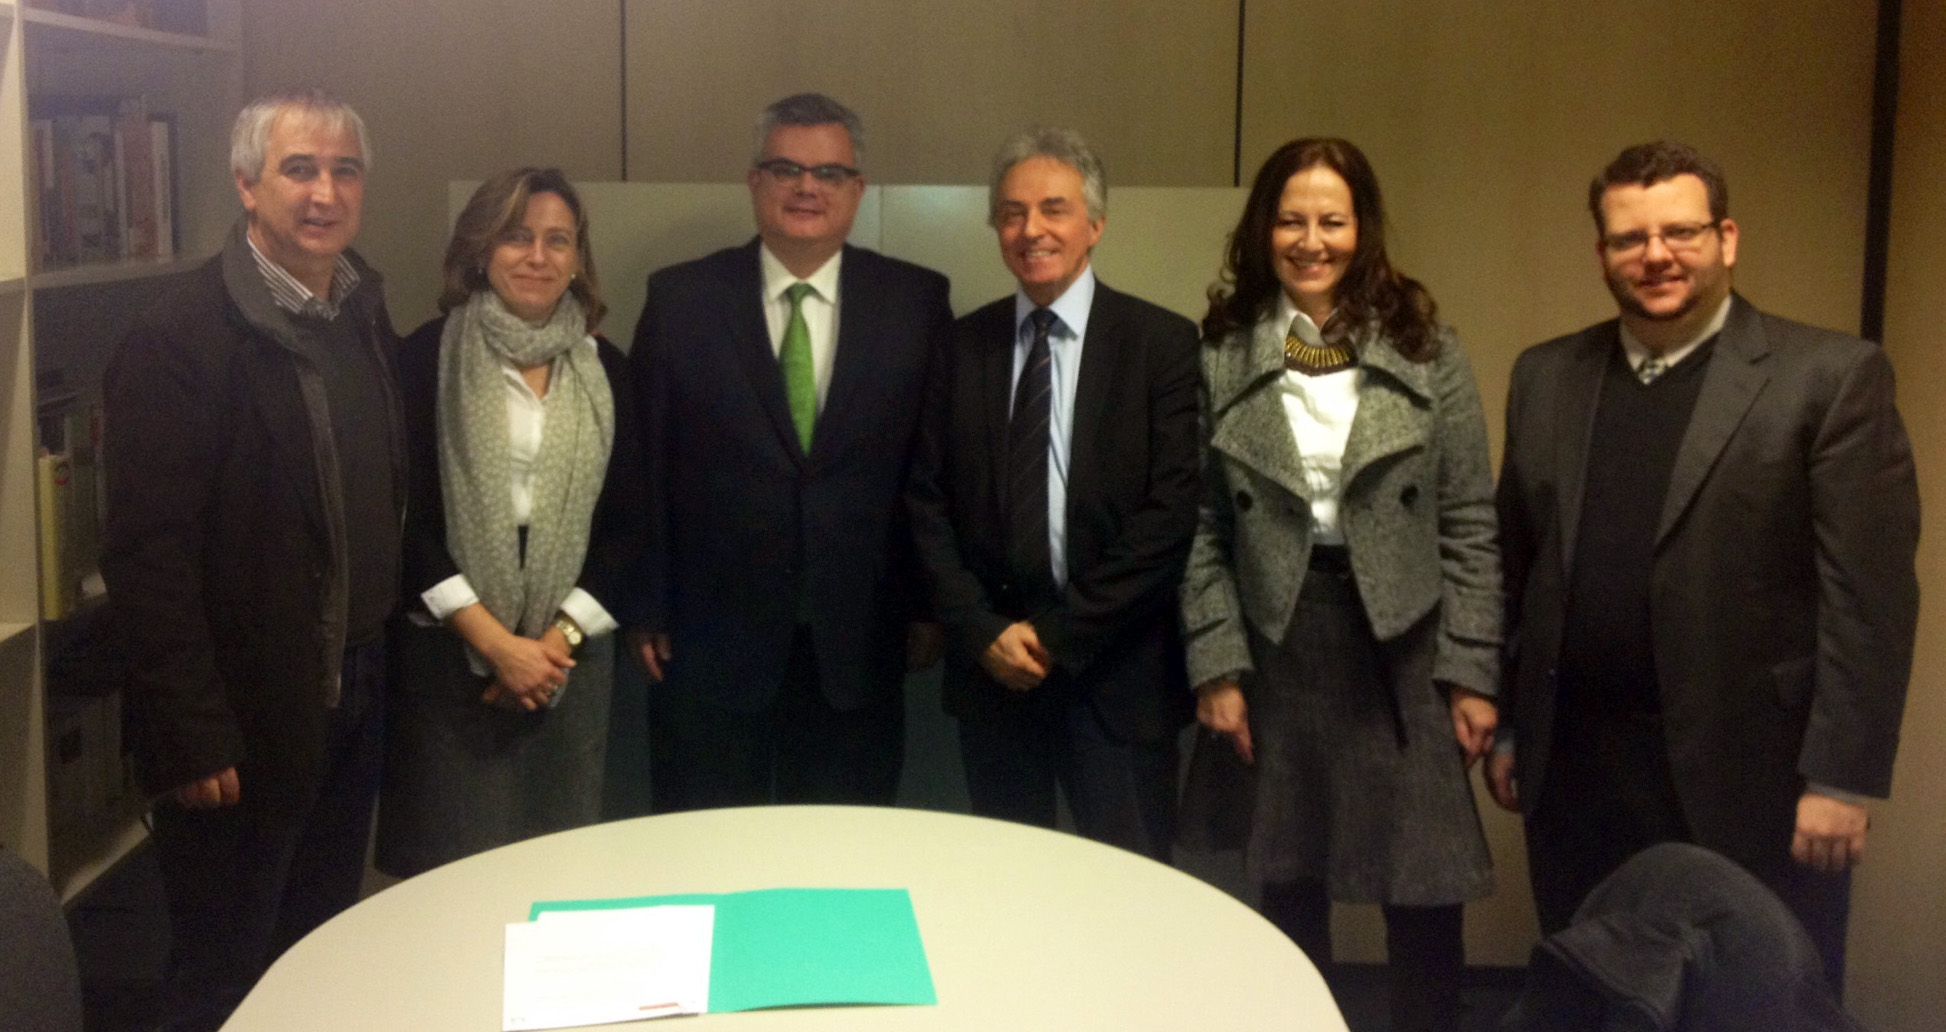 La Fundación Tierra de hombres y la Conferencia de Ministros de Justicia de los Países Iberoamericanos  firman un acuerdo de colaboración para fomentar una Justicia Juvenil Restaurativa entre los jóvenes infractores.